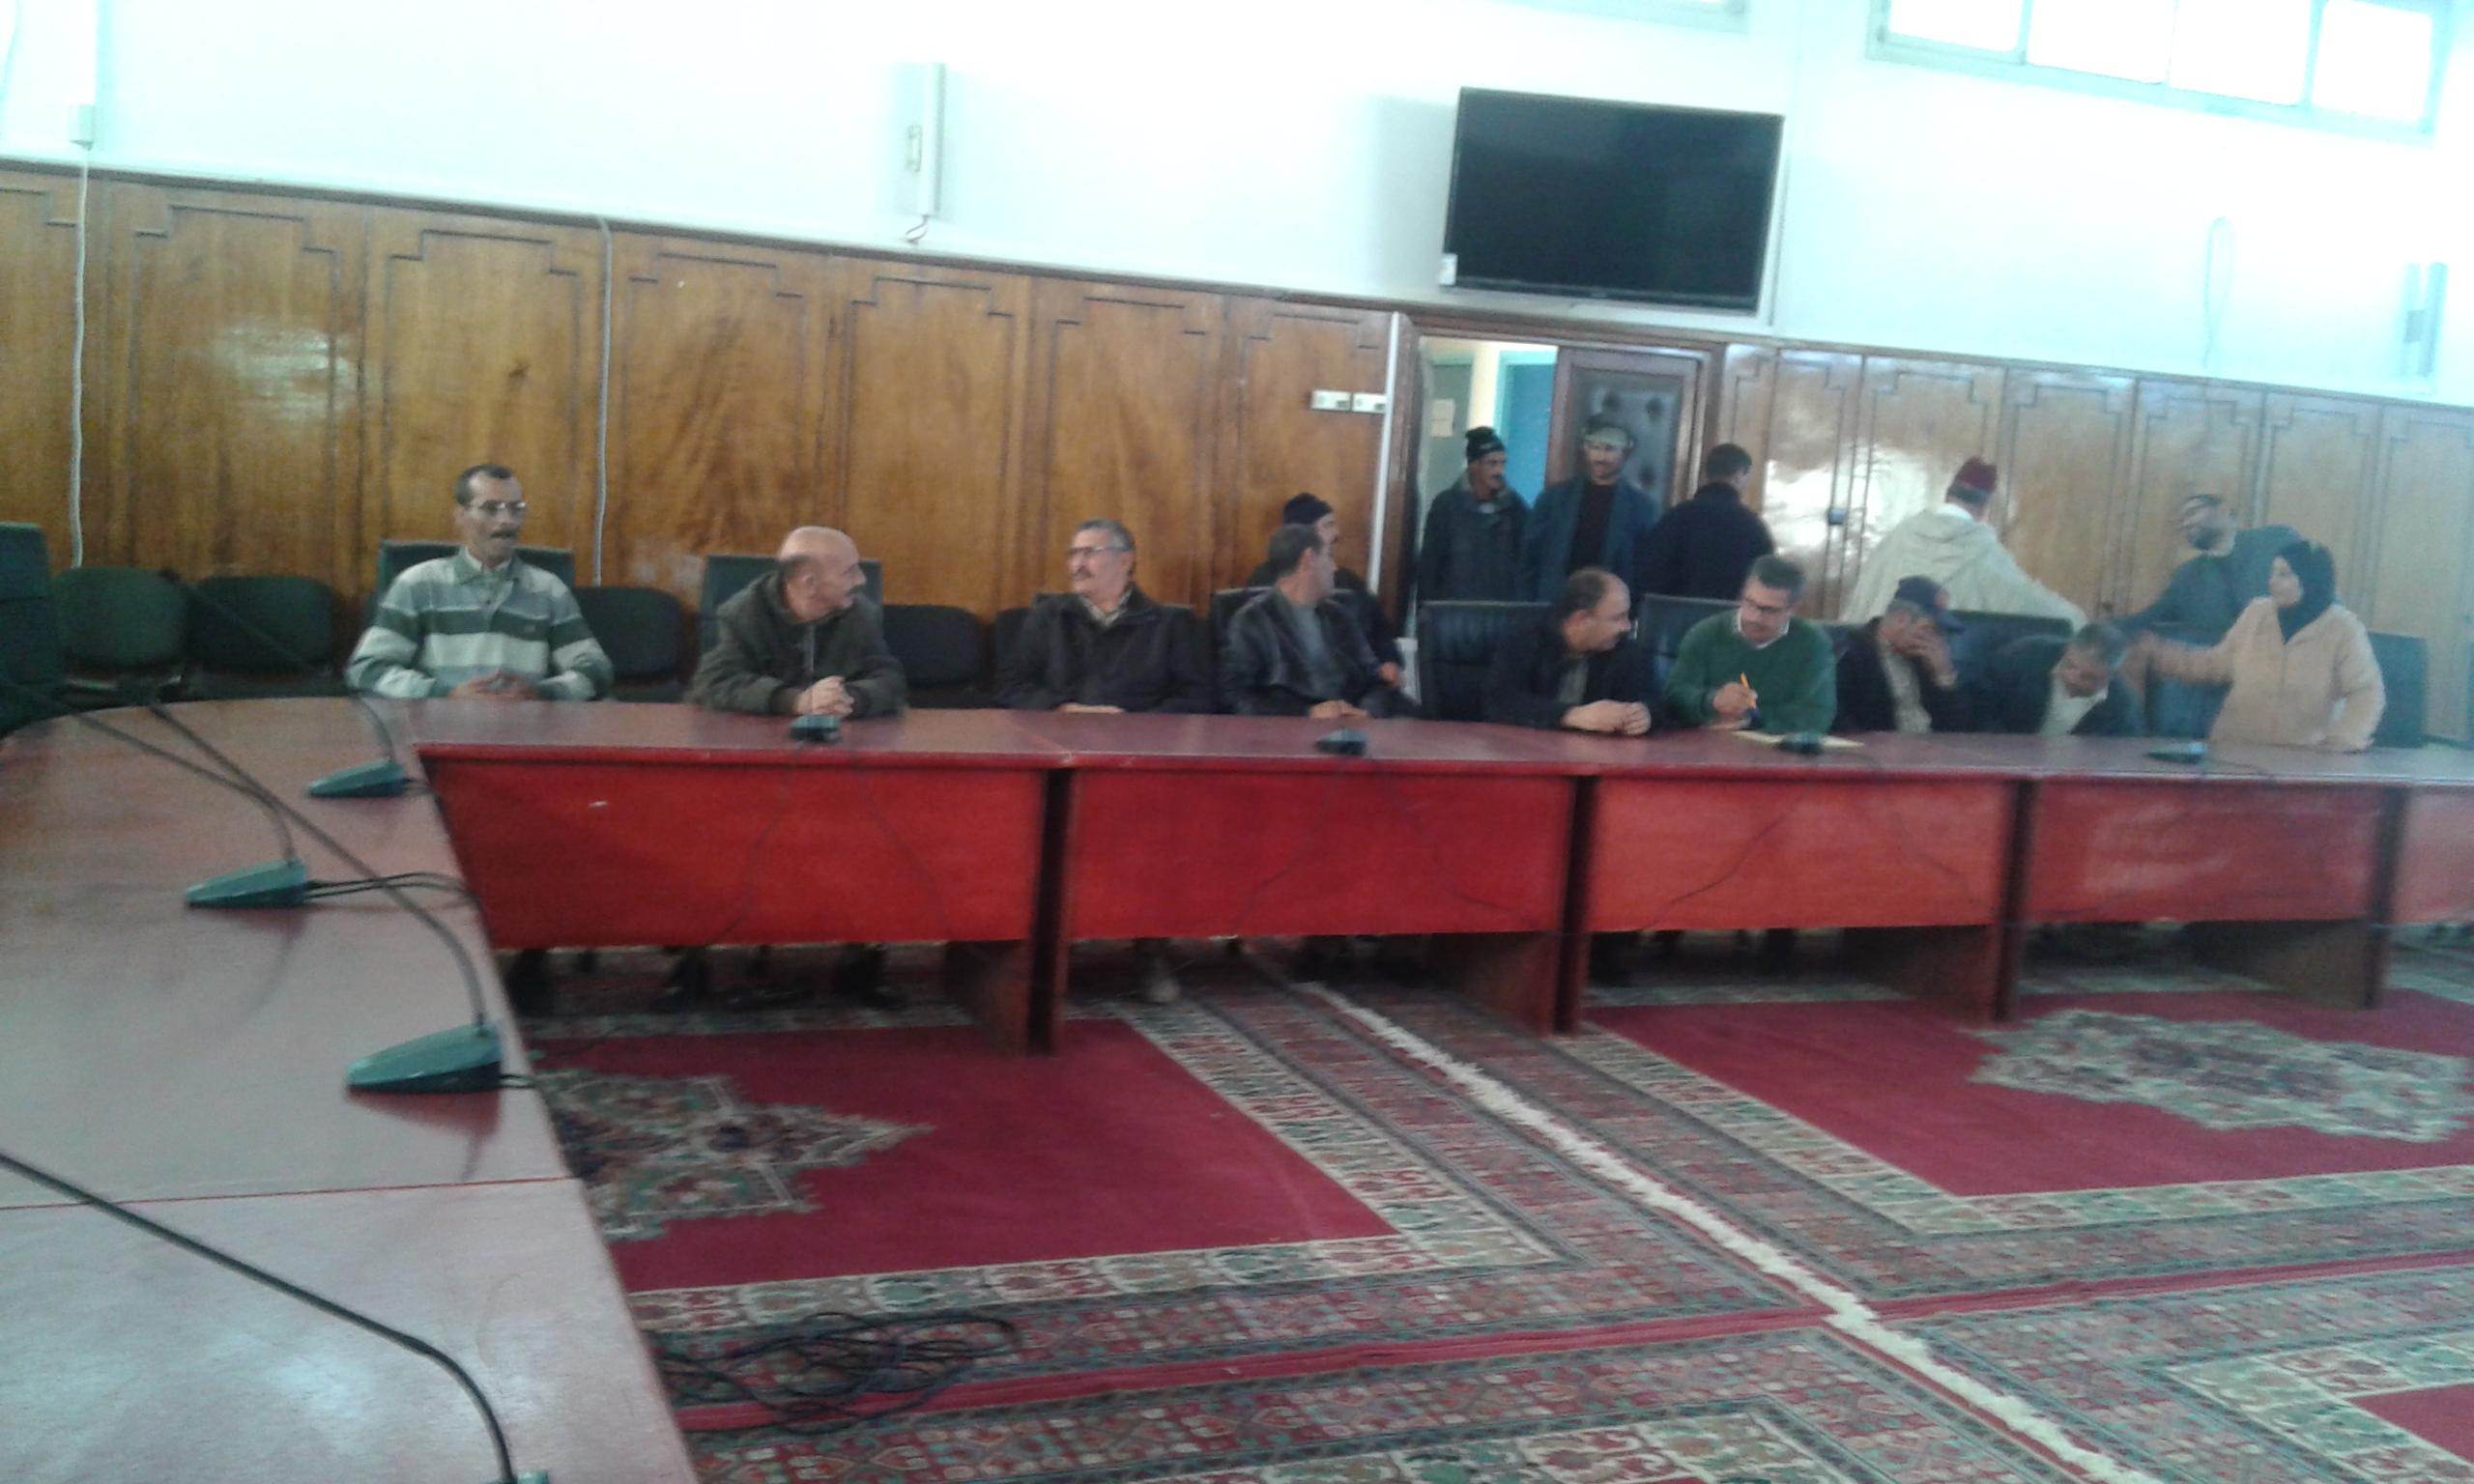 توصيل رئيس جماعة بإقليم سيدي بنور الكهرباء لمنزل تابع لإقليم الجديدة يثير جدلا